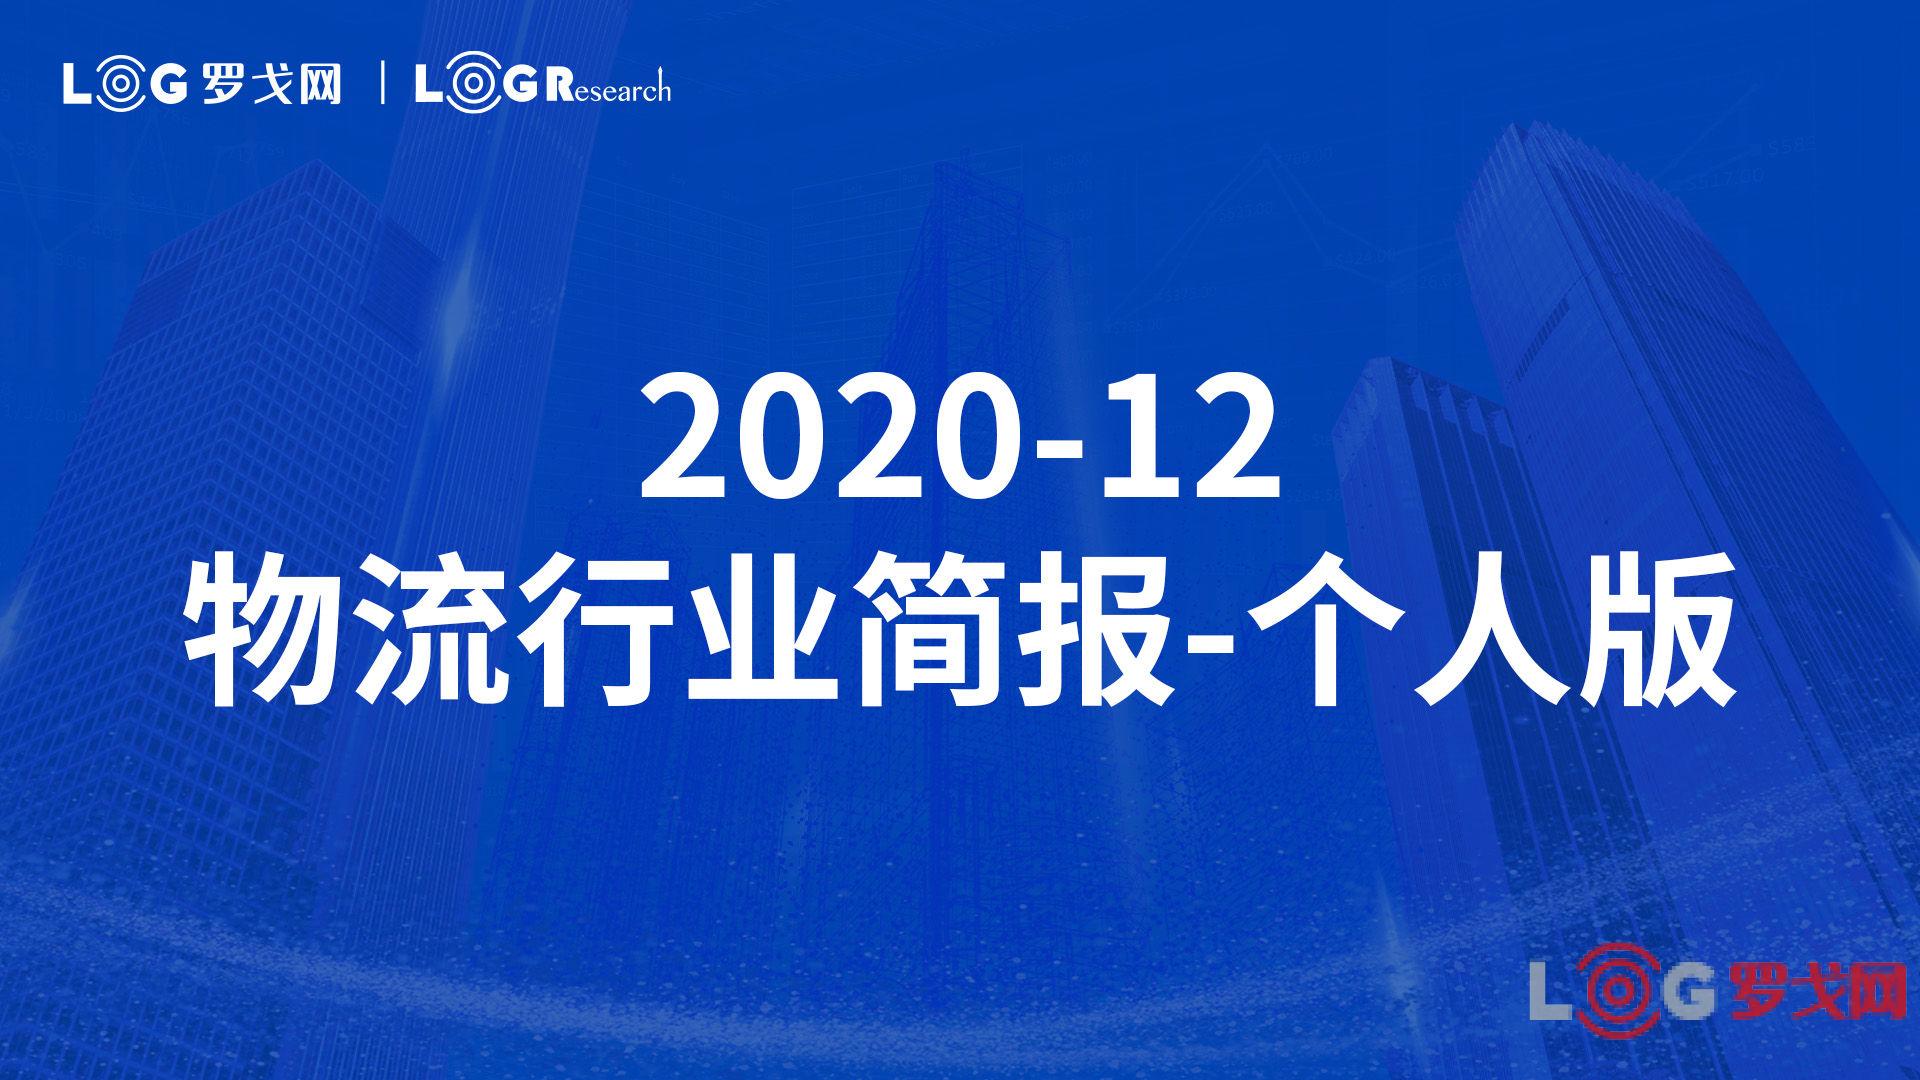 2020-12物流行业简报-个人版